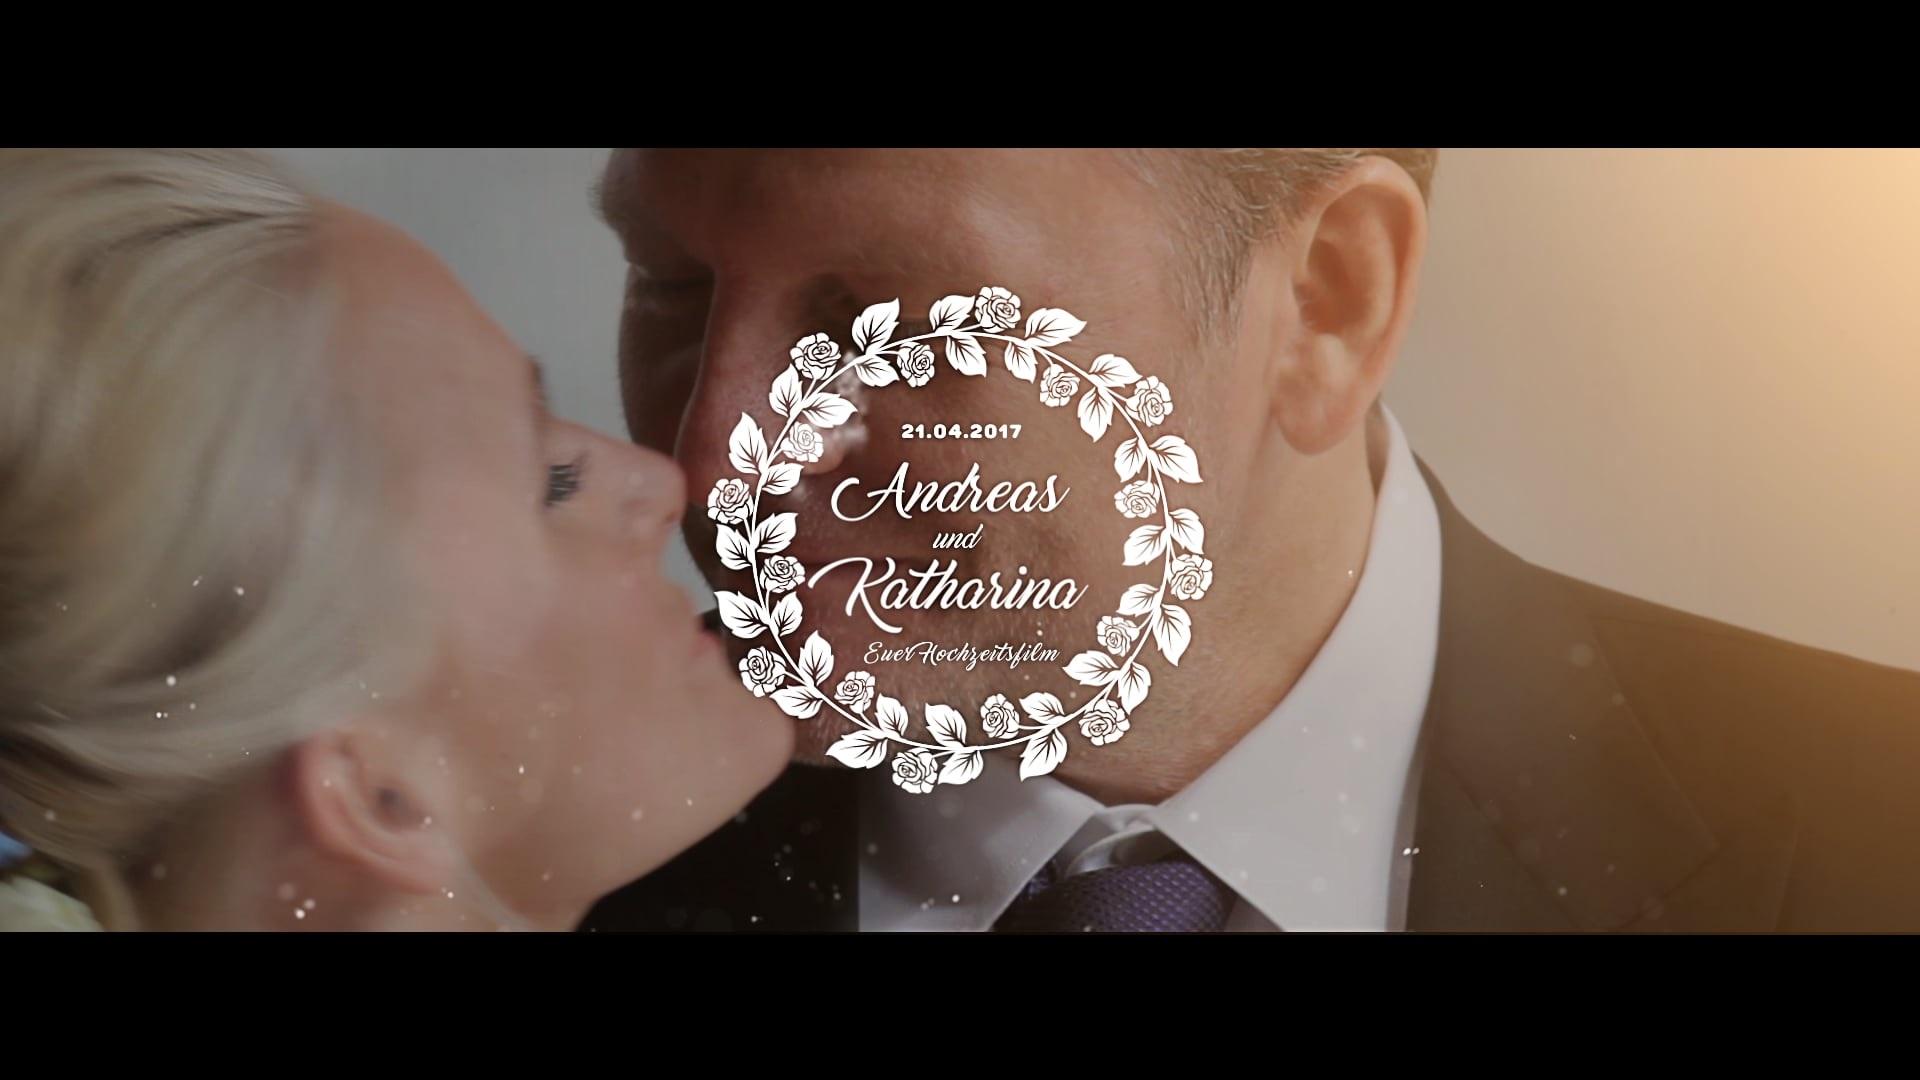 Andreas und Katharinas Hochzeitsfilm